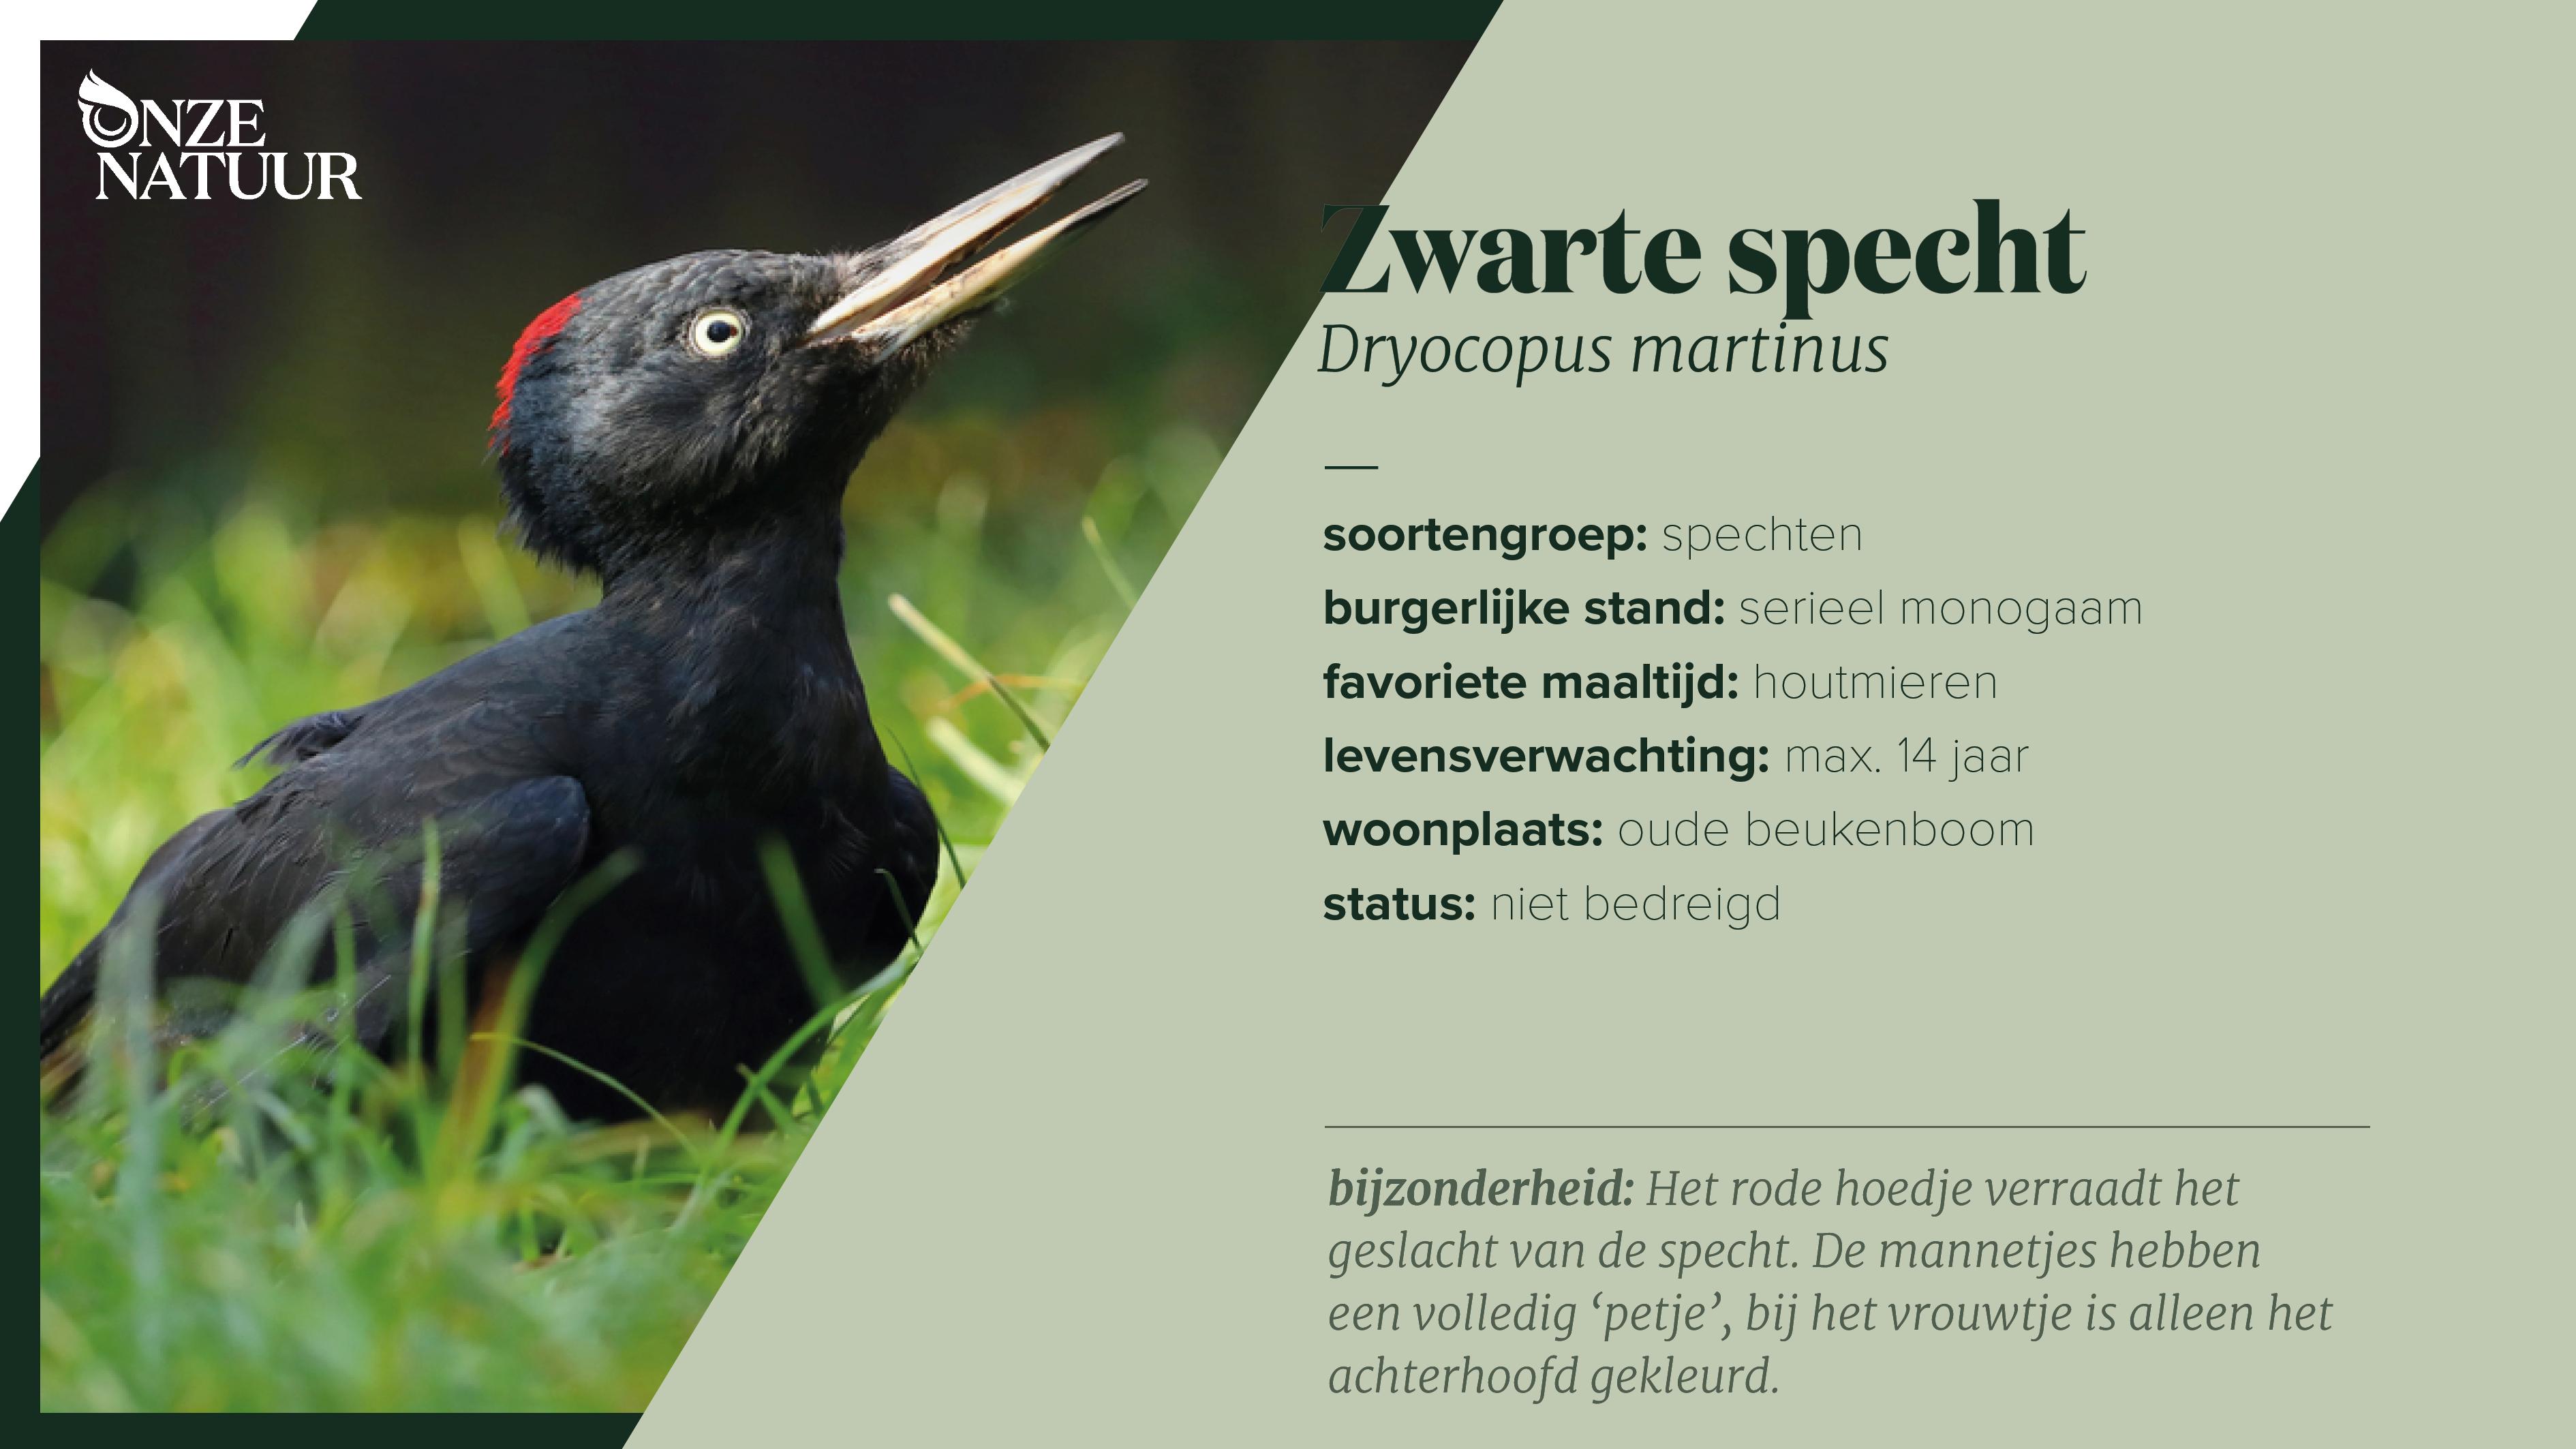 on-fiche-zwarte-specht-nl.png